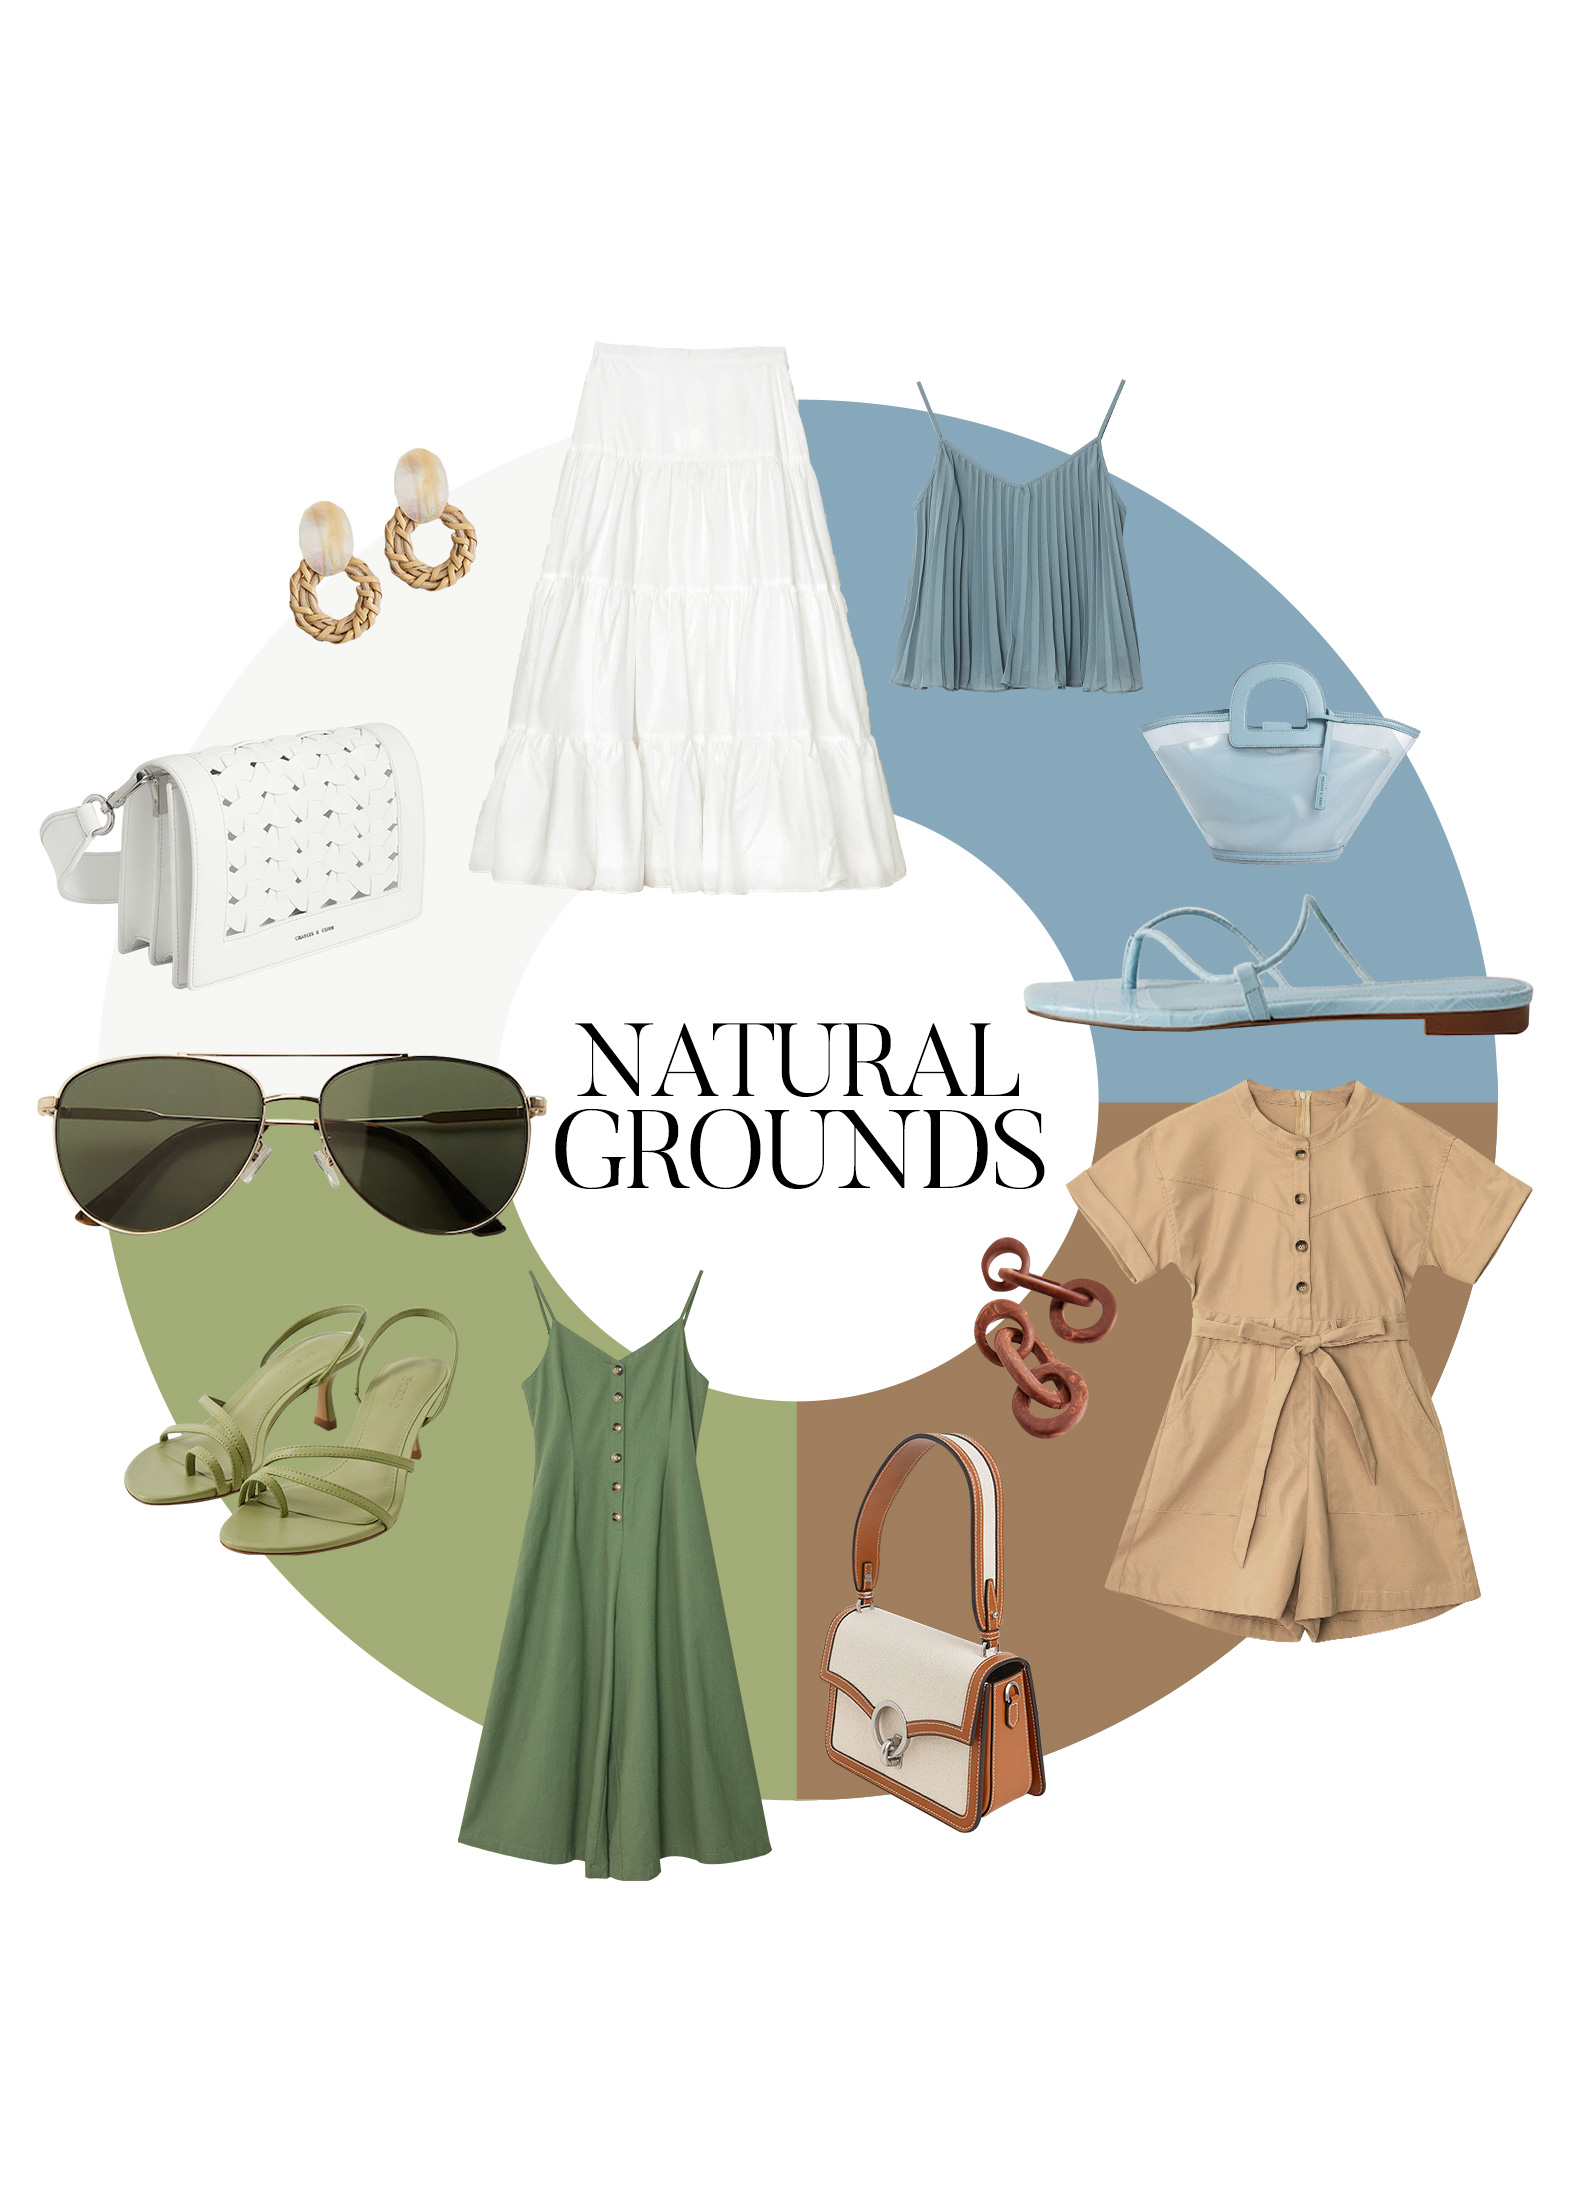 NATURAL GROUNDS